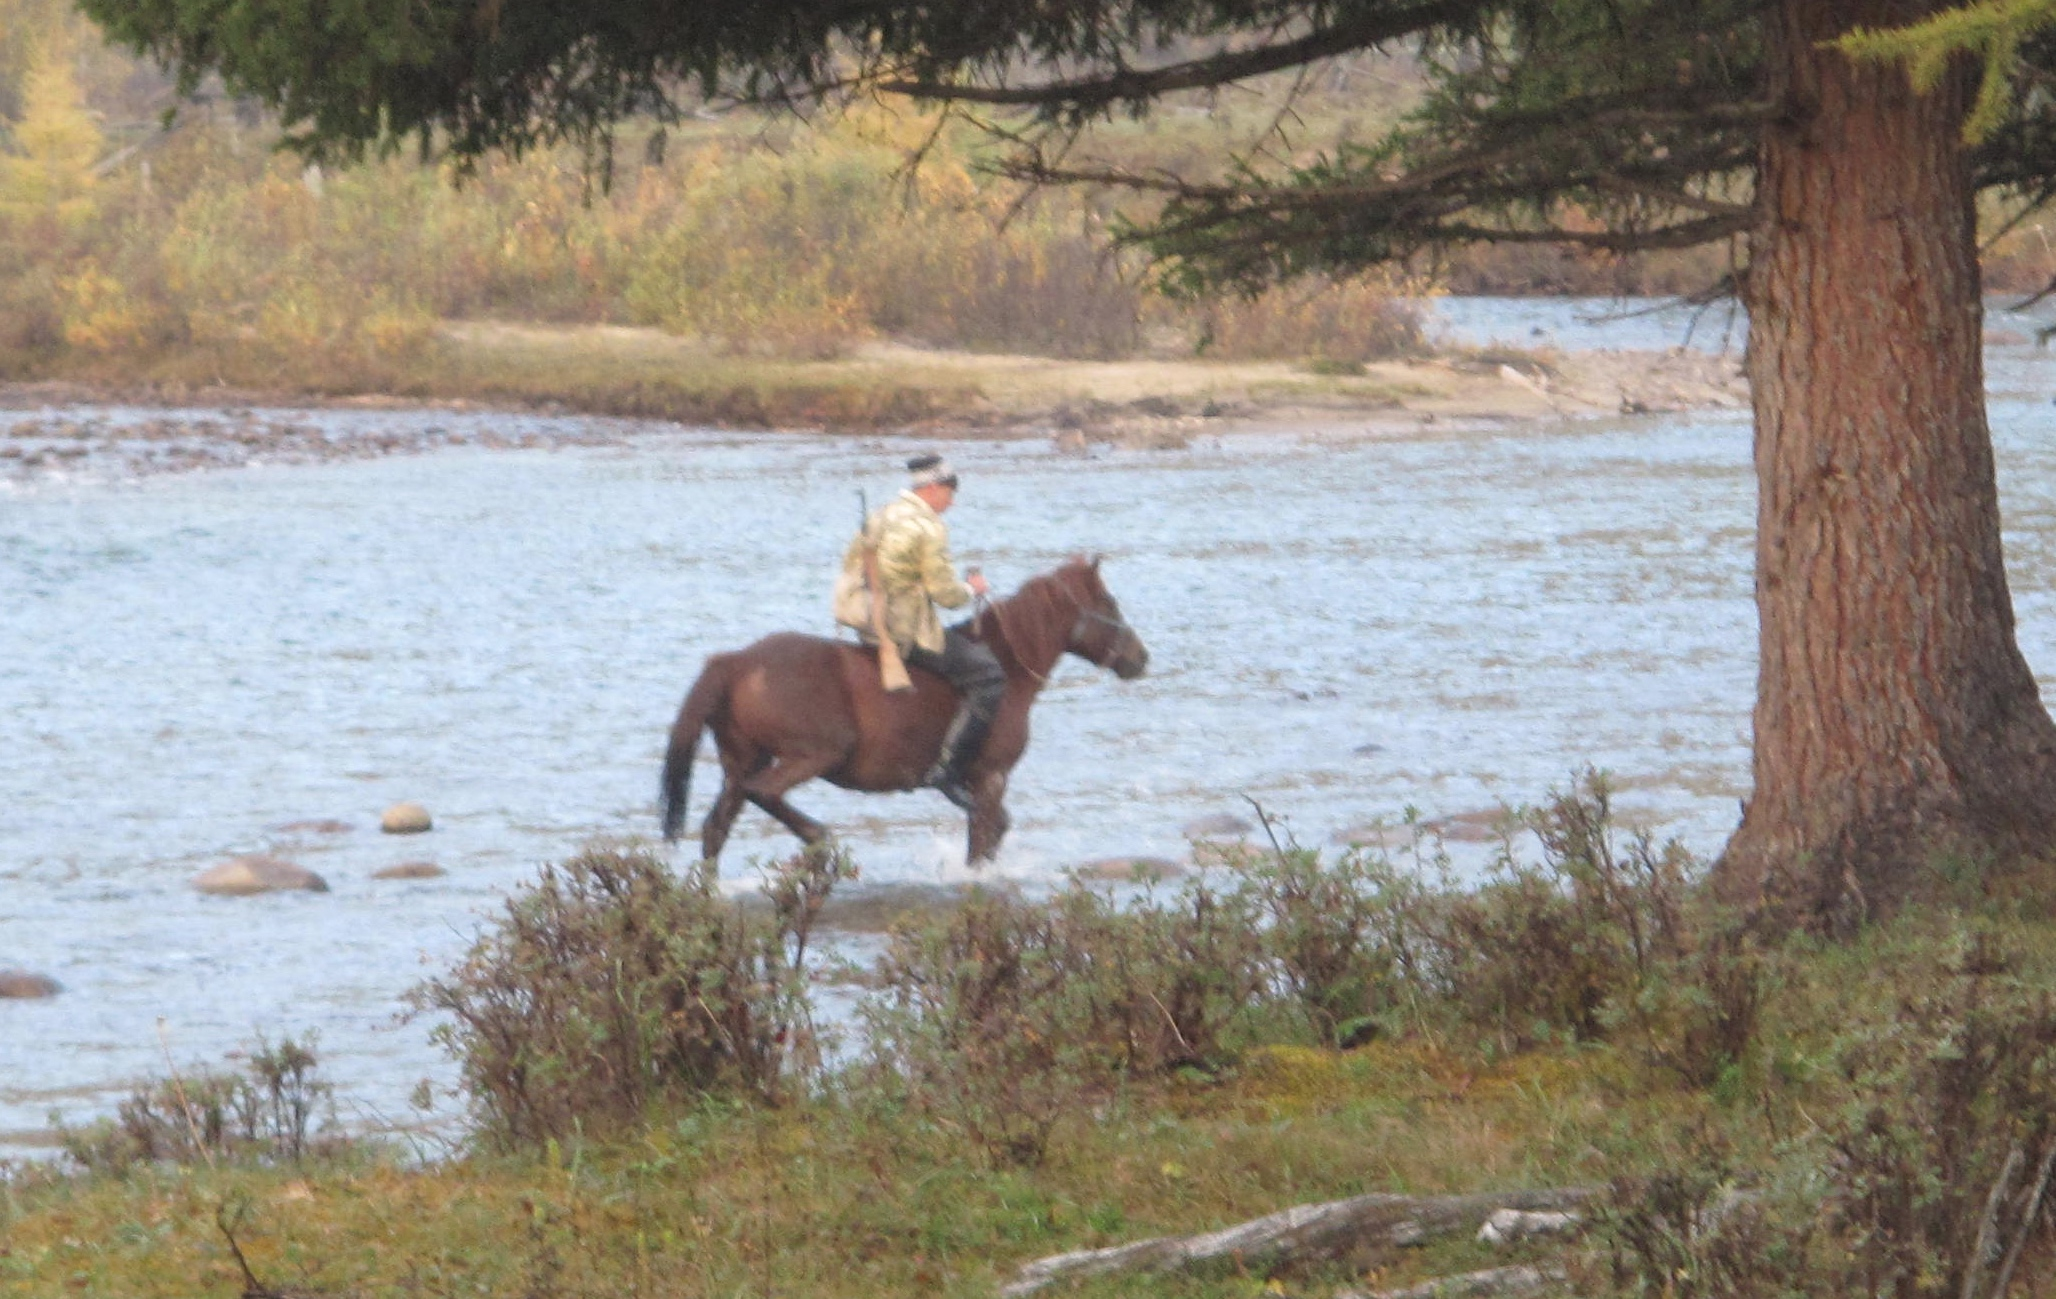 Tofalaria Karghaso con il suo cavallo - Russia Trekking